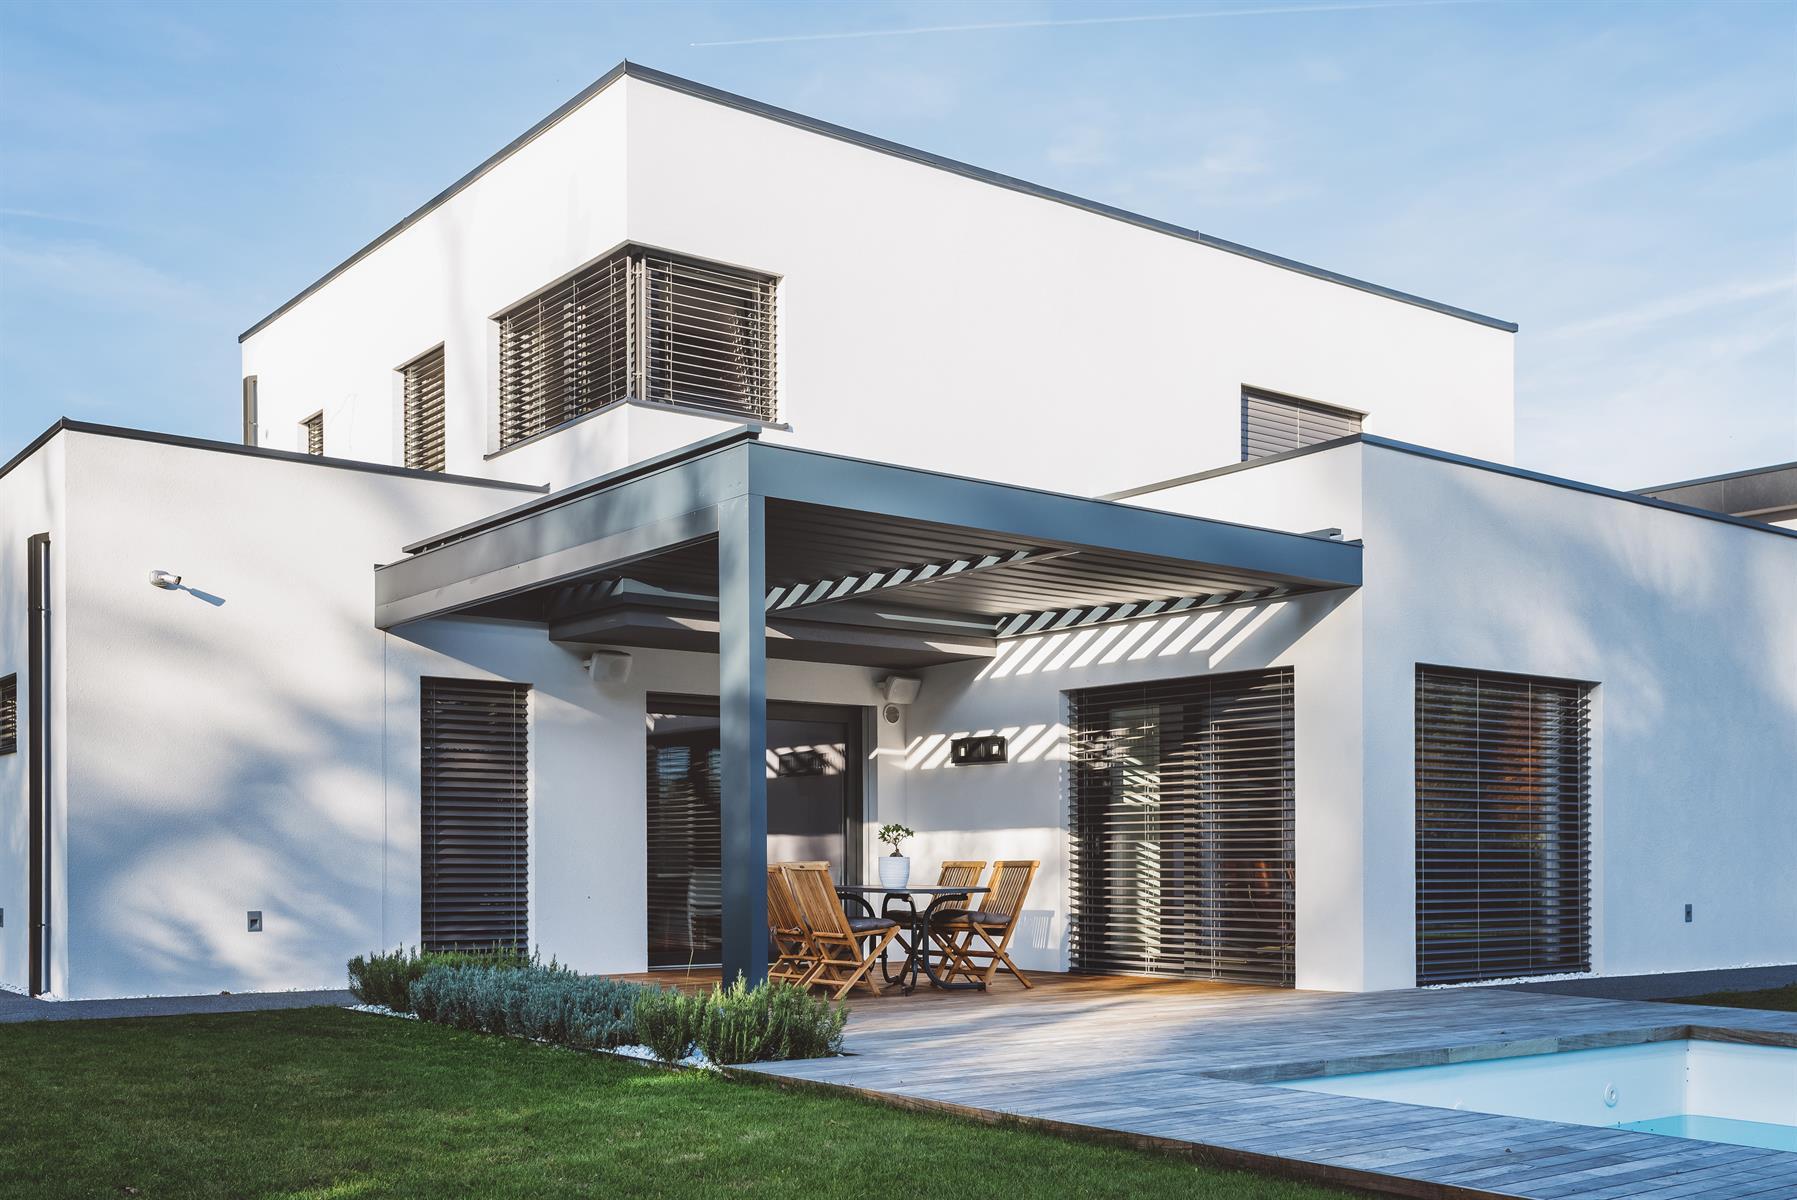 populäres Design limitierte Anzahl billig für Rabatt Außenraffstores in der konventionellen Standardmontage ...